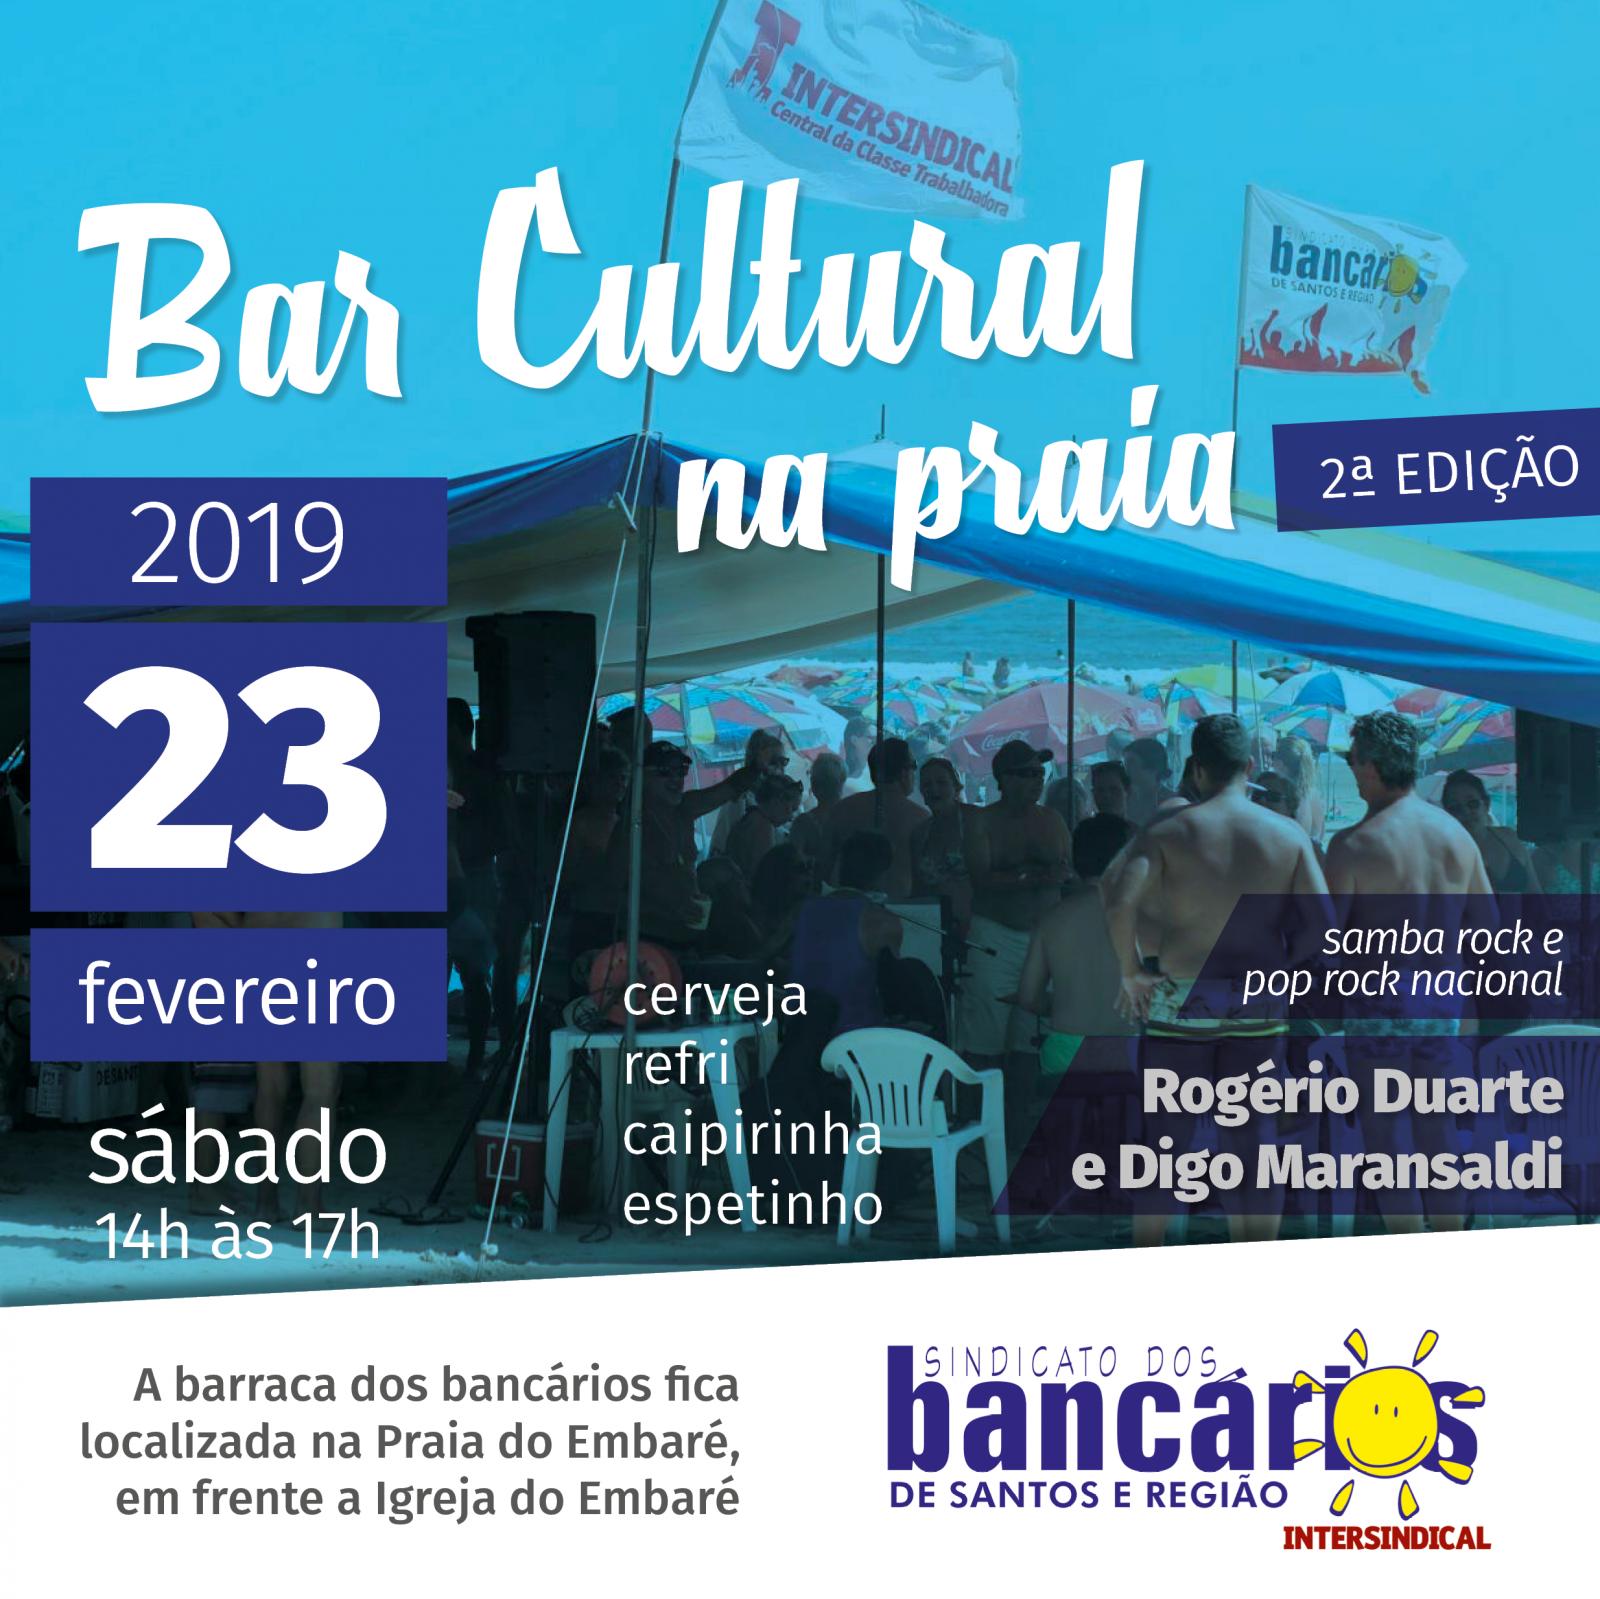 Nova edição do Bar Cultural de Verão acontece dia 23/2